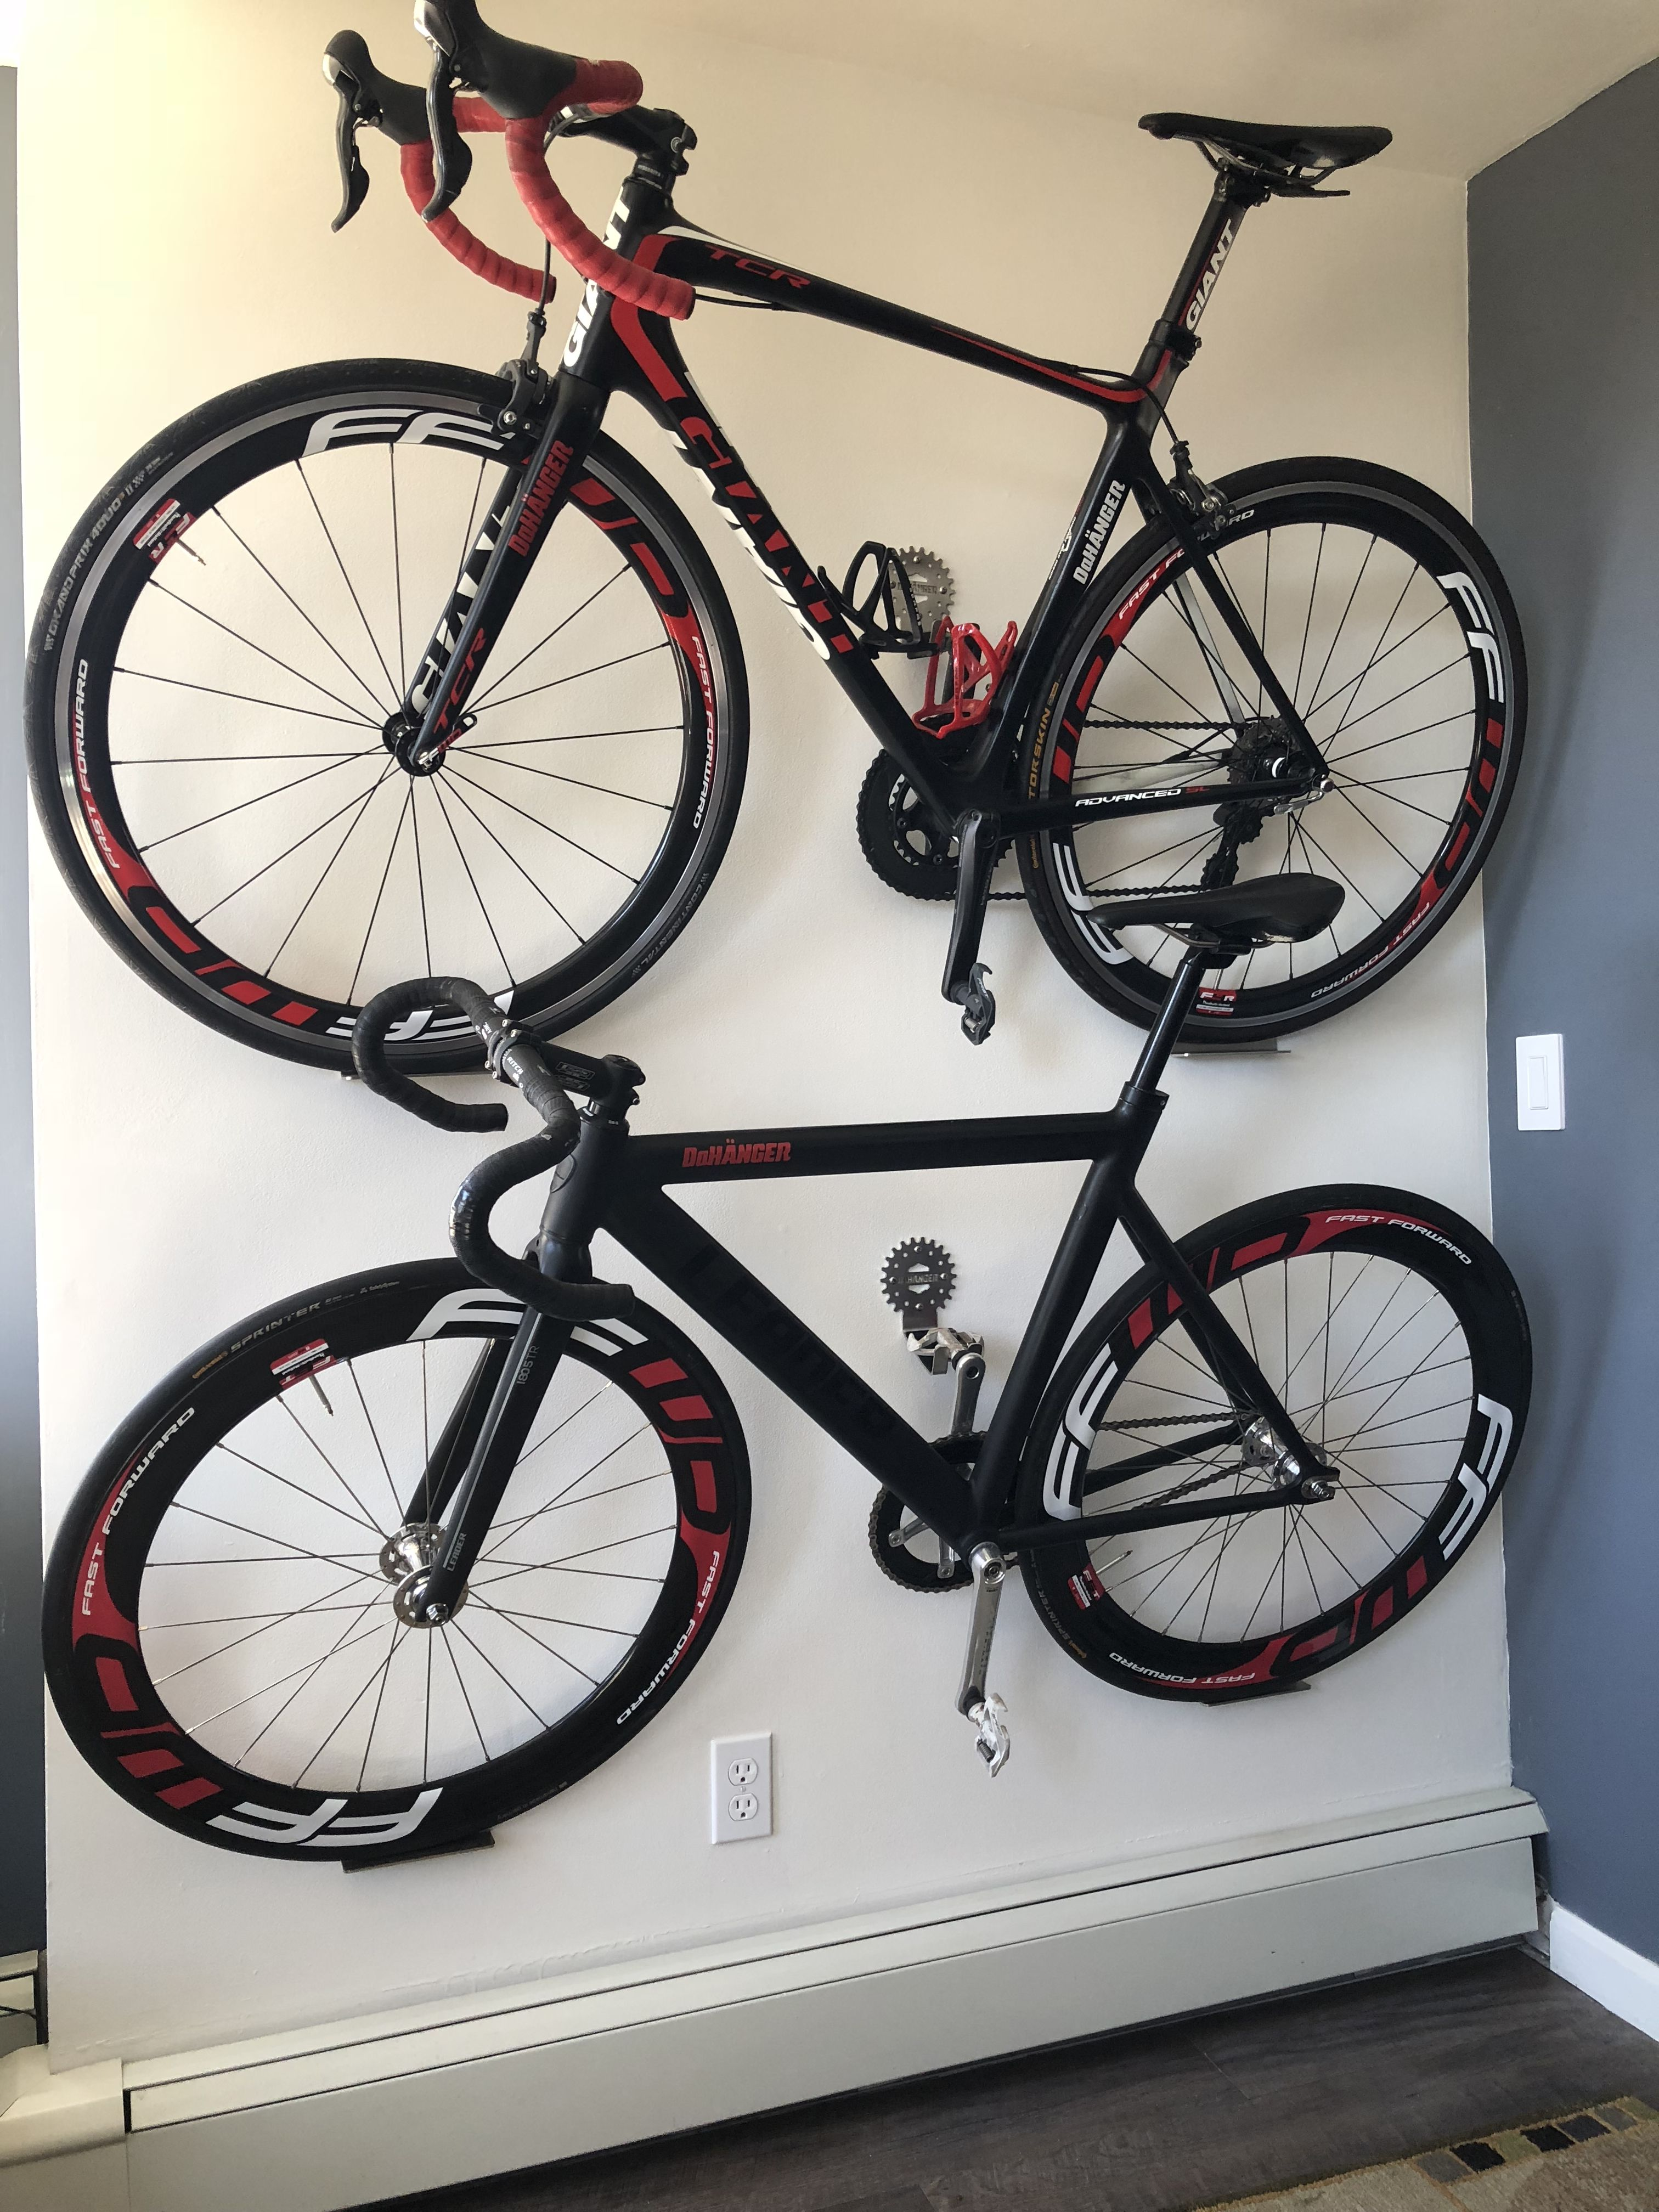 Display Bicycle Storage Hooks Wall Mount Bike Cycle Hanger Metal Black